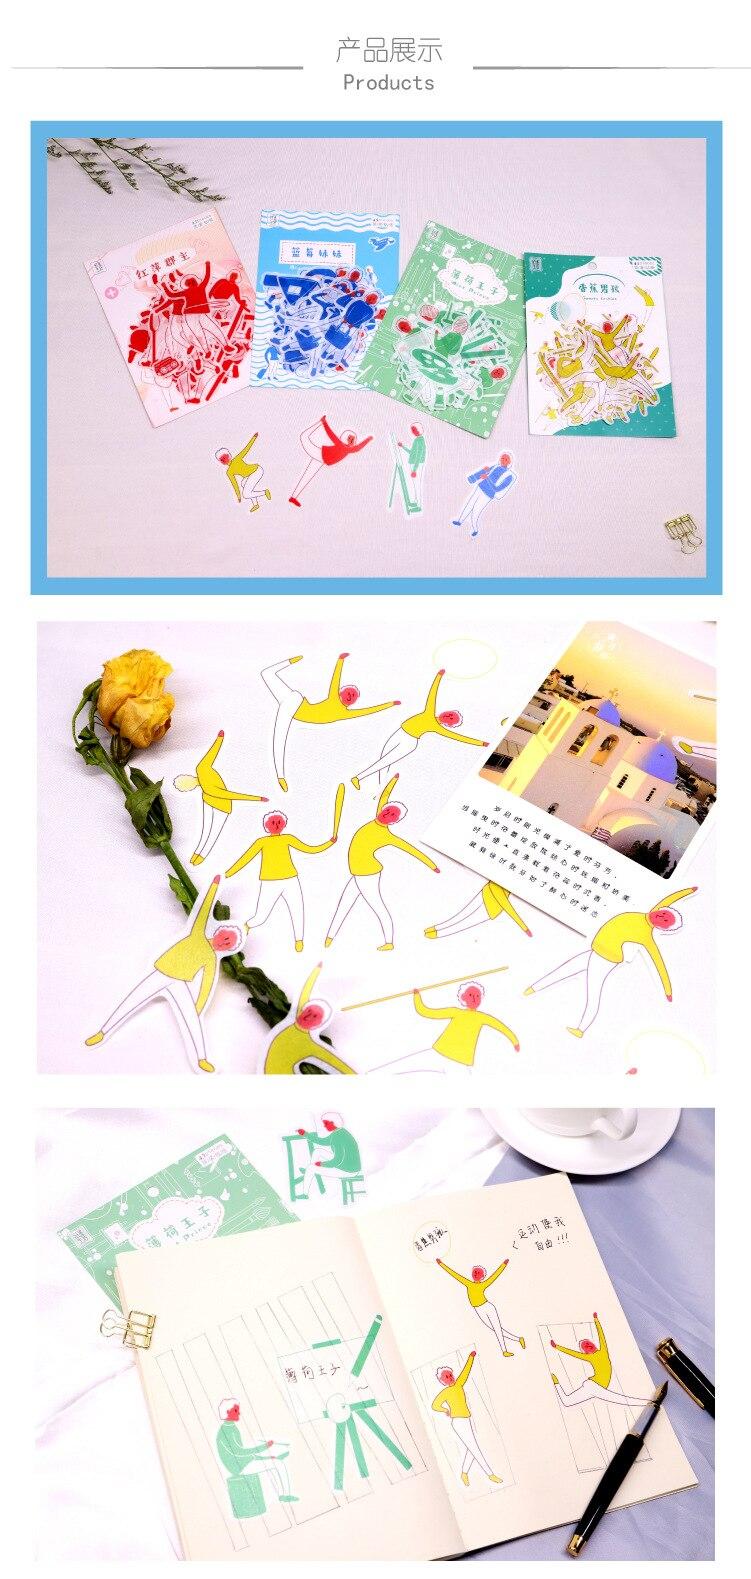 Бумага и чернила PDA японская бумажная наклейка упаковка 45 шт. милая маленькая Повседневная жизнь мультфильм ручка материал жизнь маленькие люди